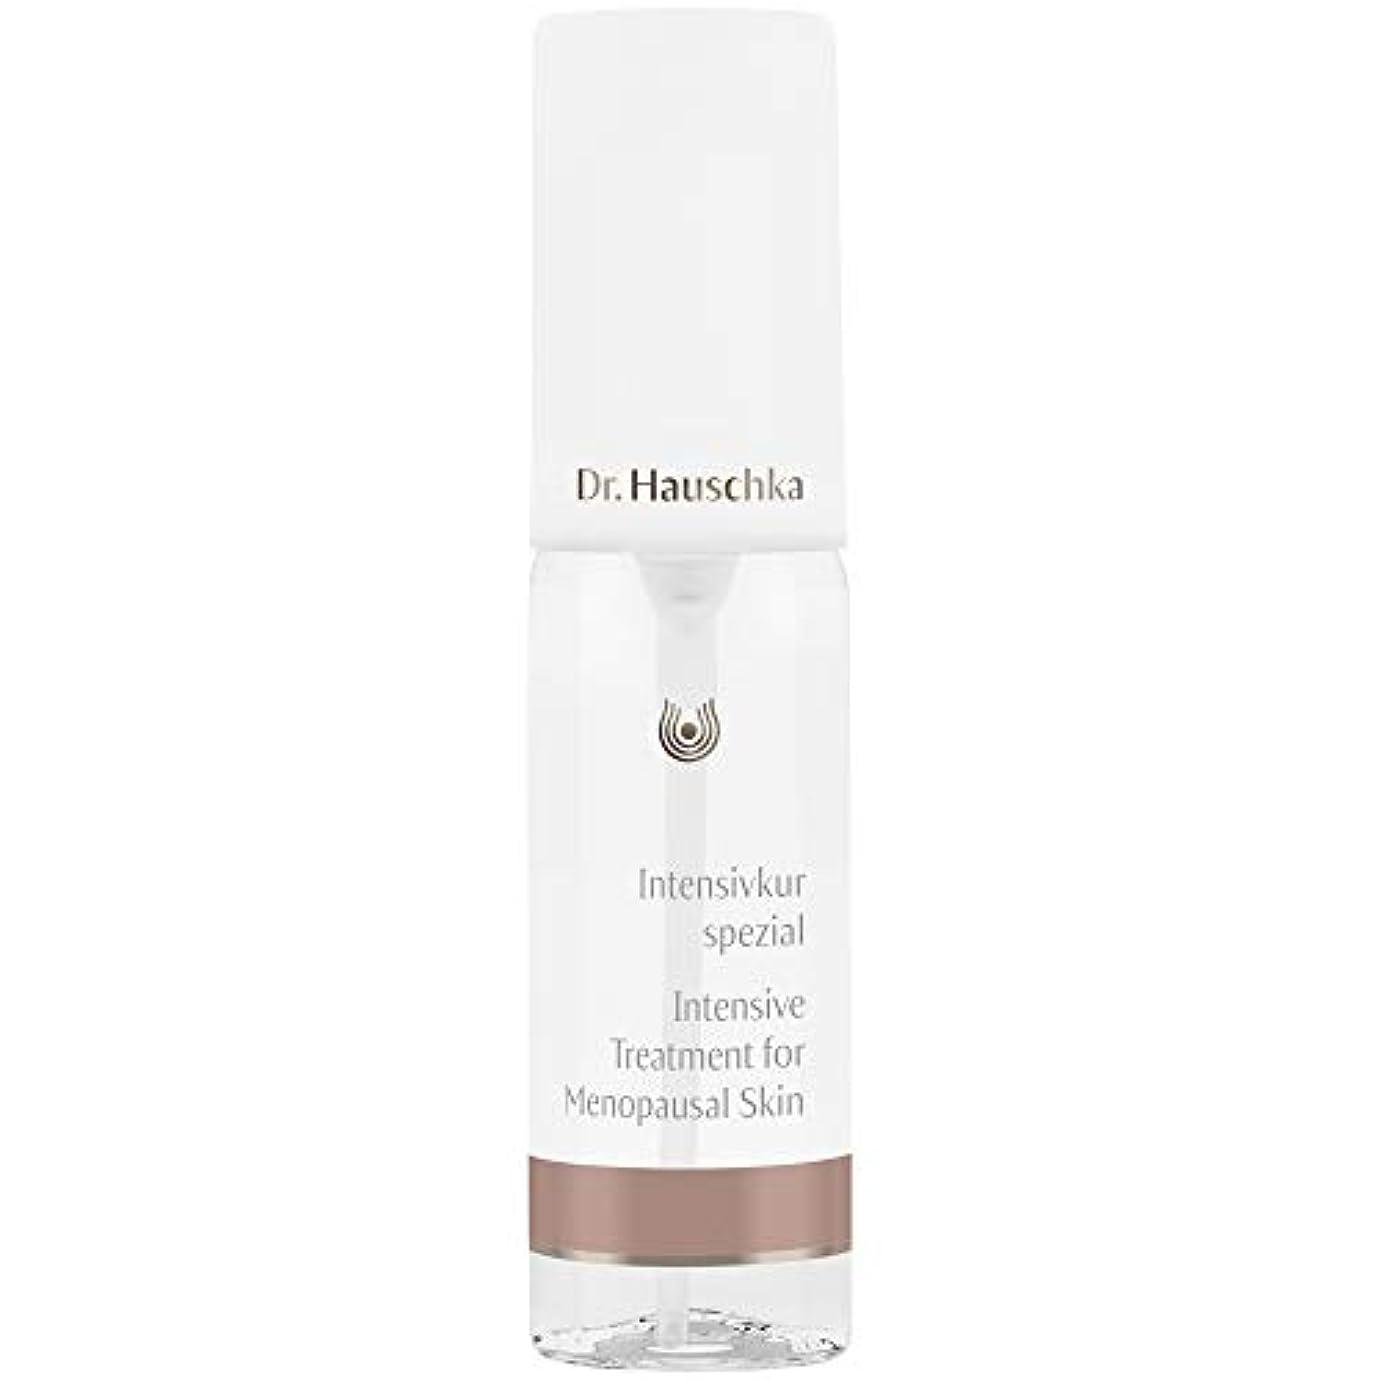 スカウト複合現在[Dr Hauschka] 更年期の皮膚05 40ミリリットルのためのDrハウシュカ集中治療 - Dr Hauschka Intensive Treatment for Menopausal Skin 05 40ml [...